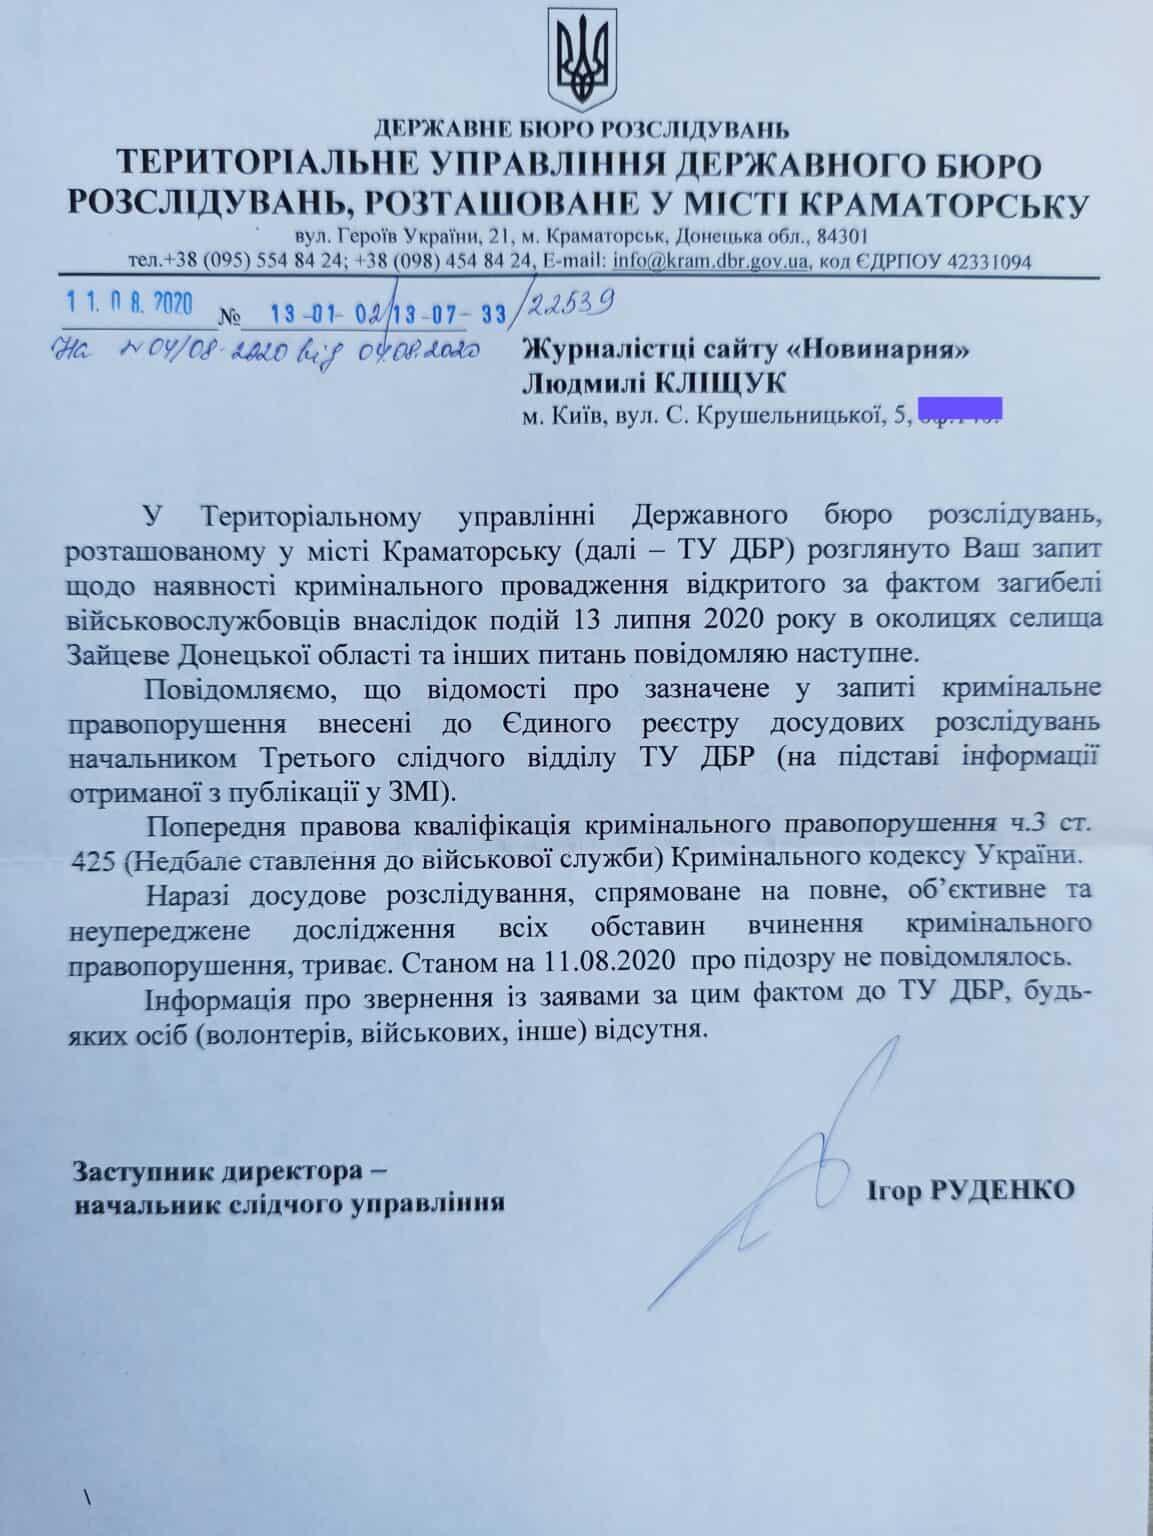 Відповідь від територіального управління ДБР у місті Краматорськ